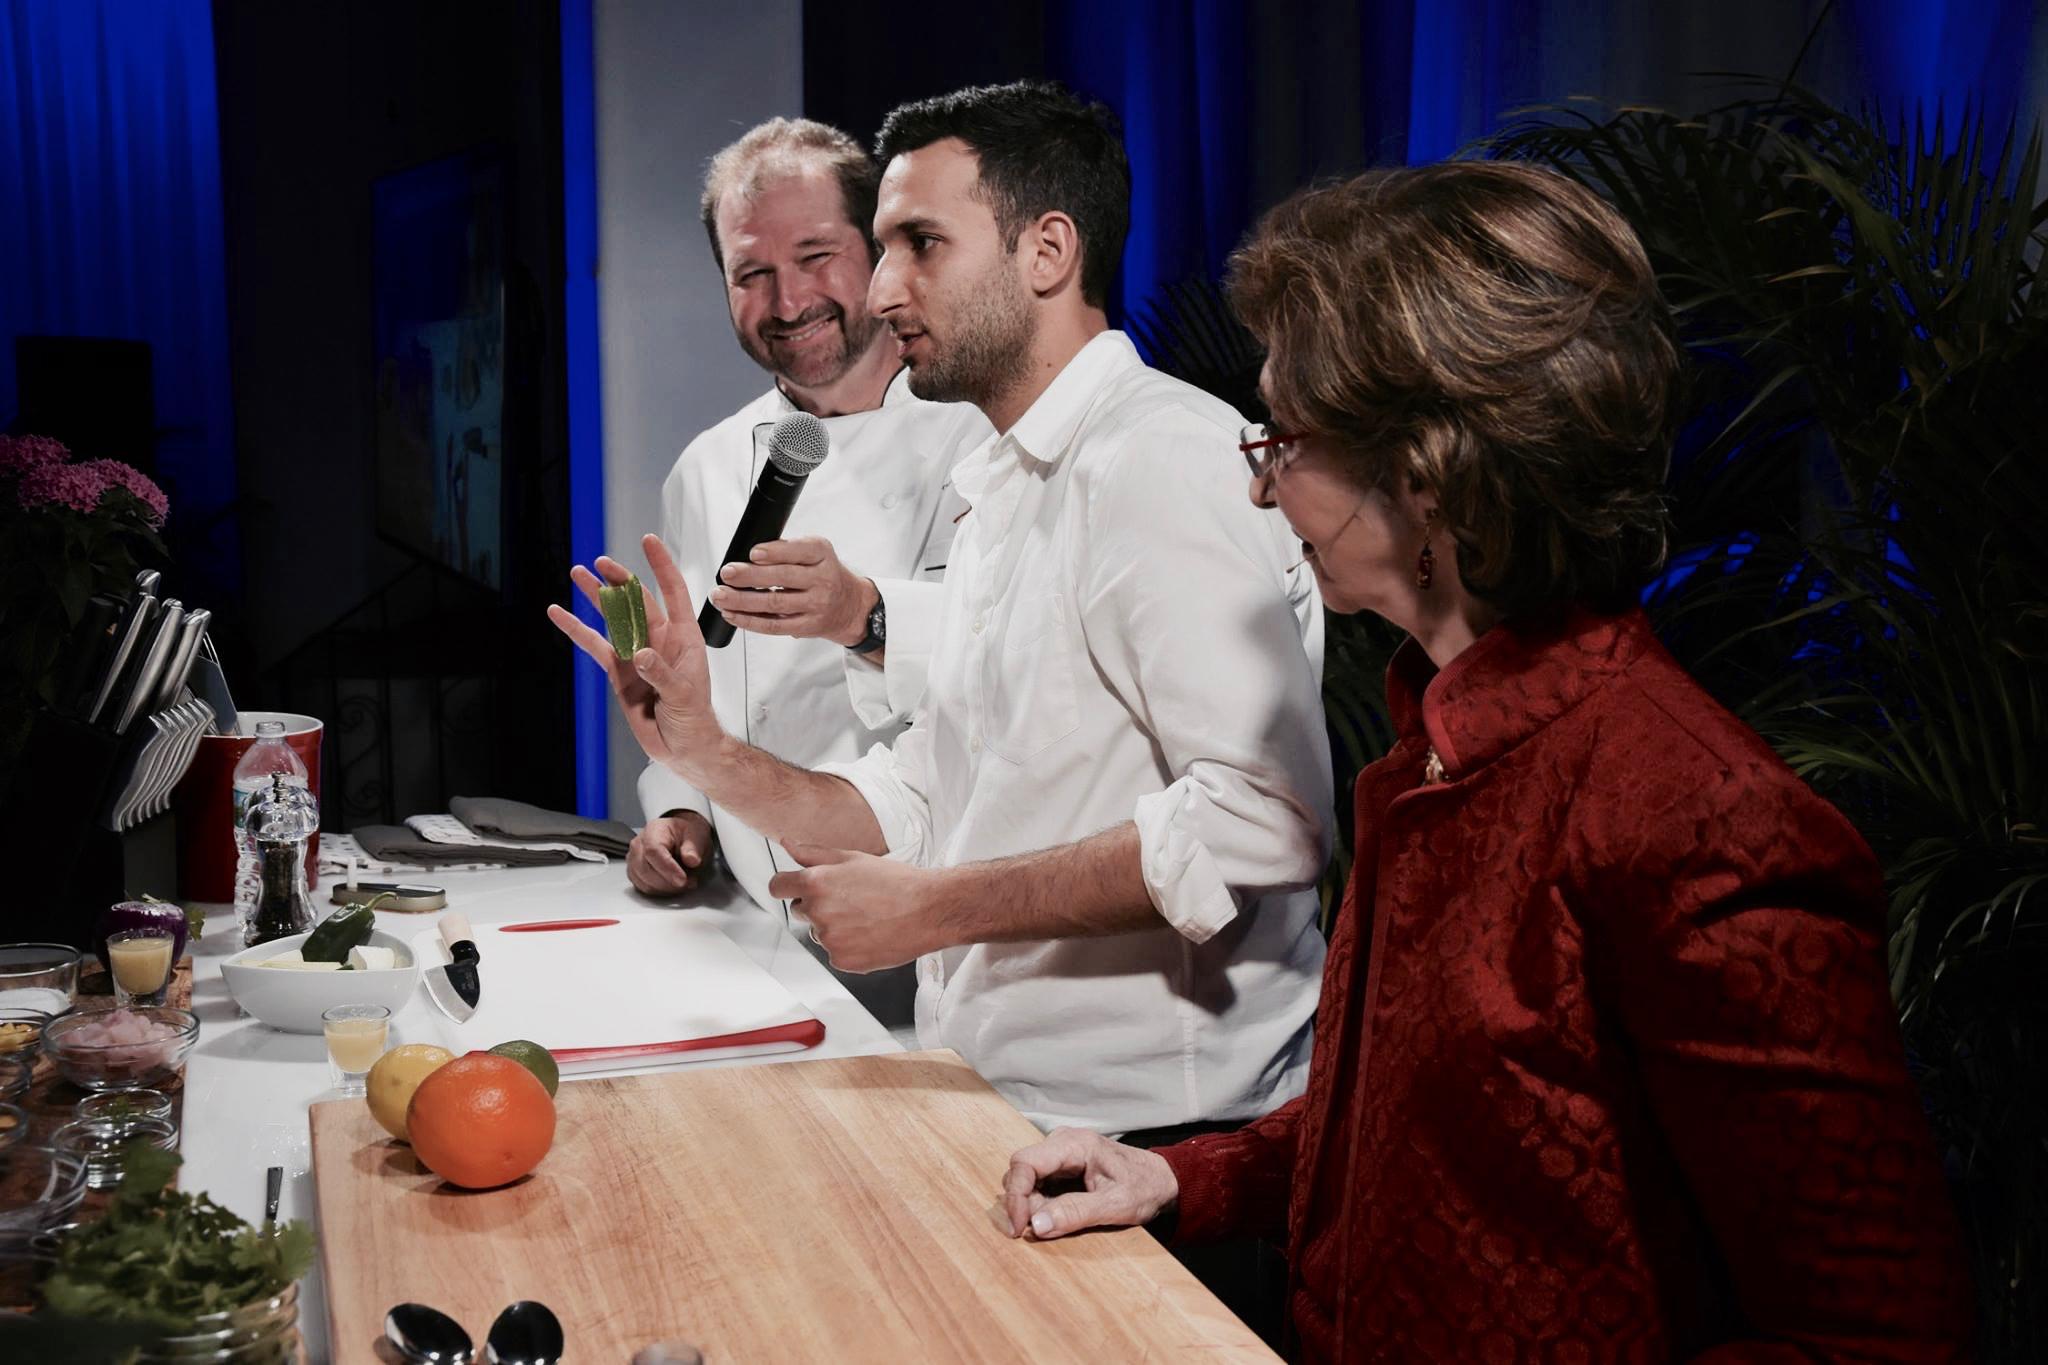 Allen Susser, Chef Sam Gorenstein & Linda Gassenheimer